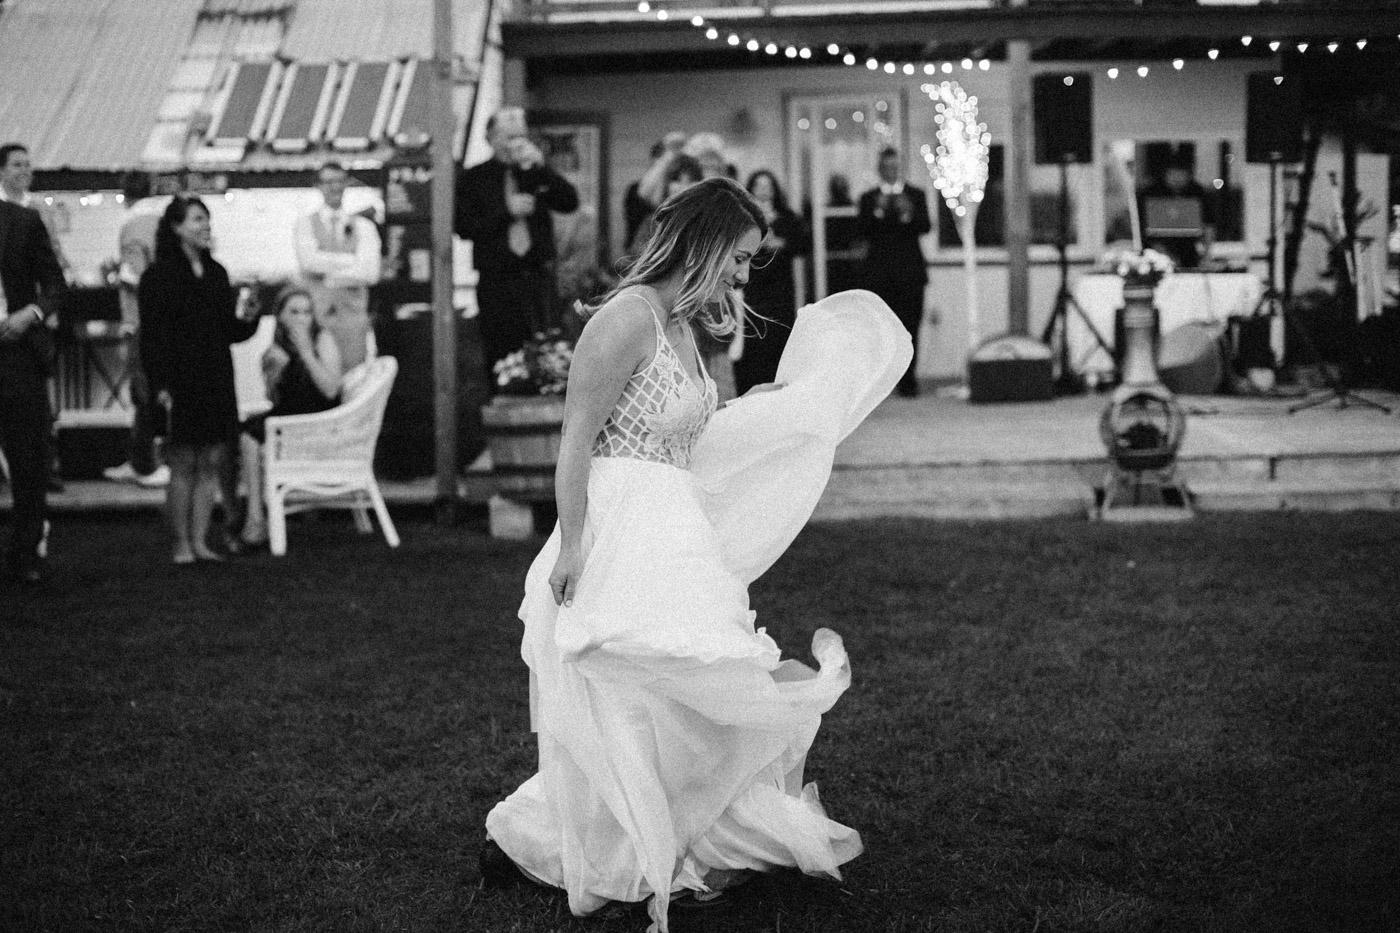 toronto_wedding_photographer_backyard_wedding-50.jpg